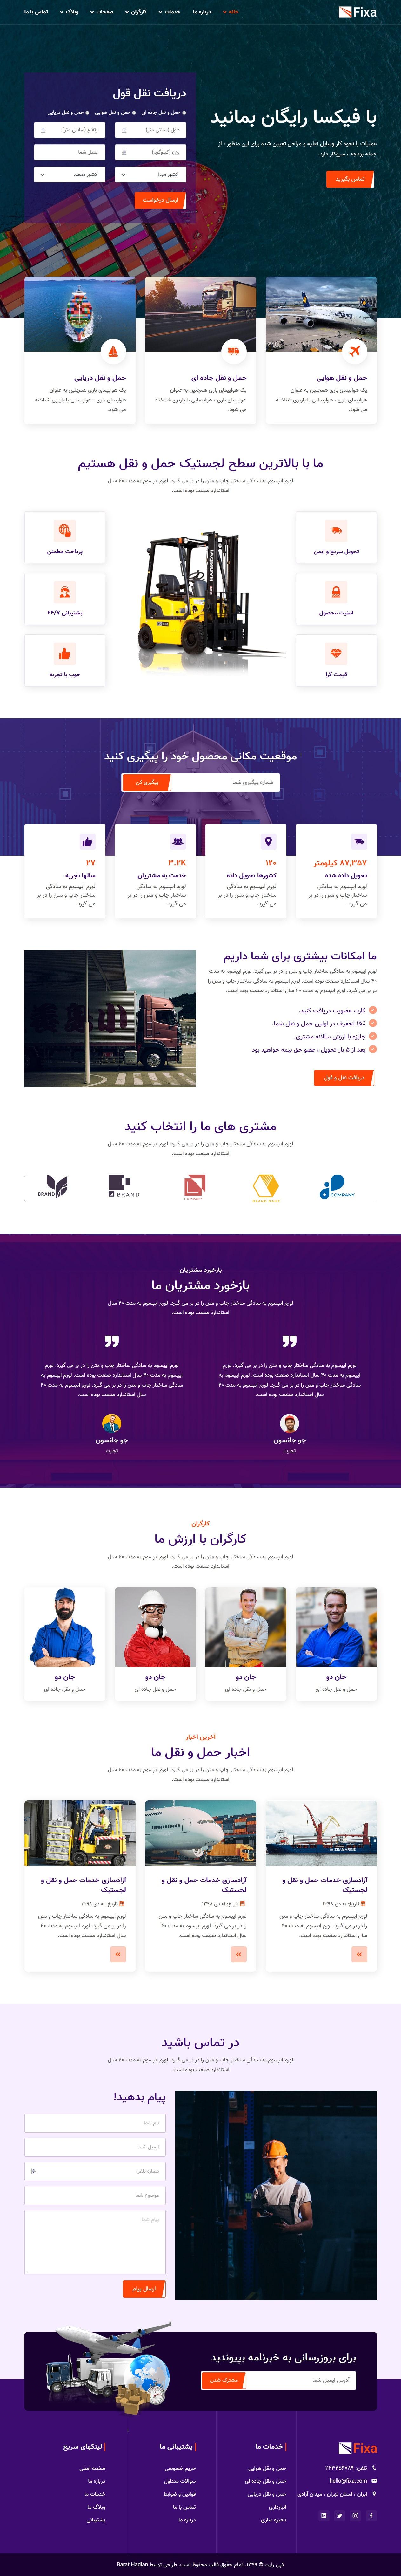 قالب HTML شرکتی سایت تدارکات و حمل نقل فیکسا